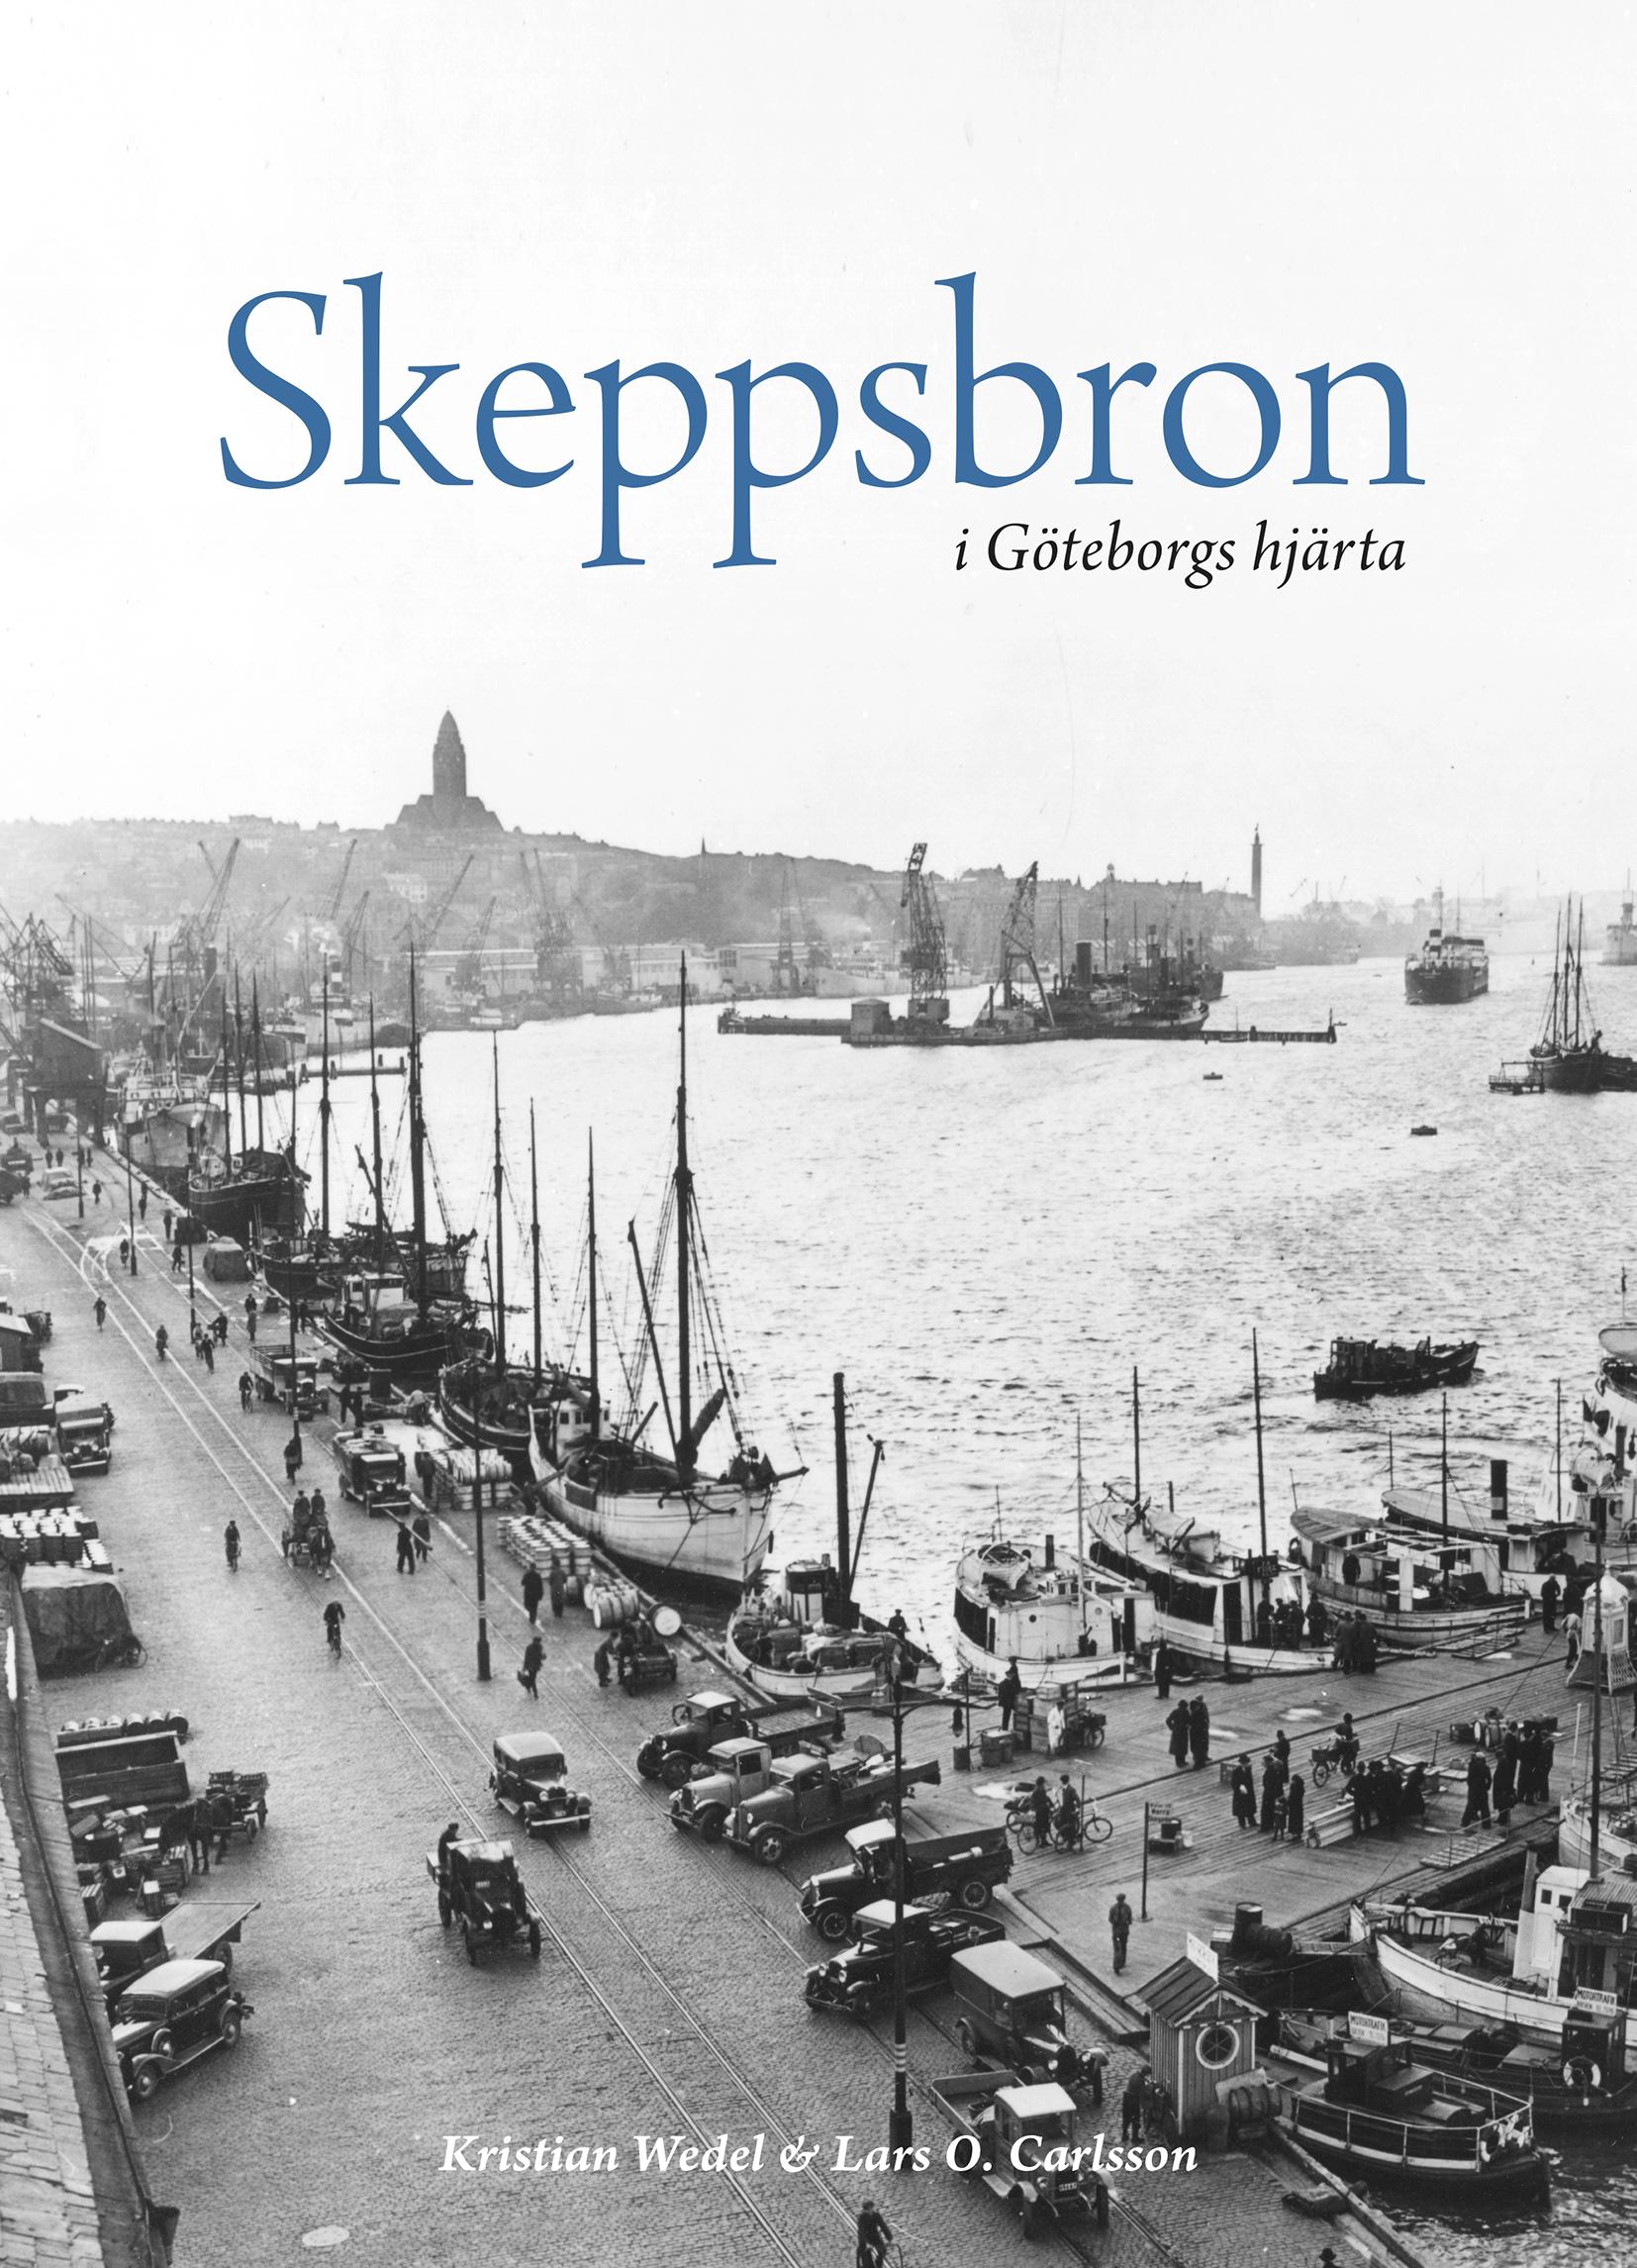 Skeppsbron i Göteborgs hjärta av Kristian Wedel